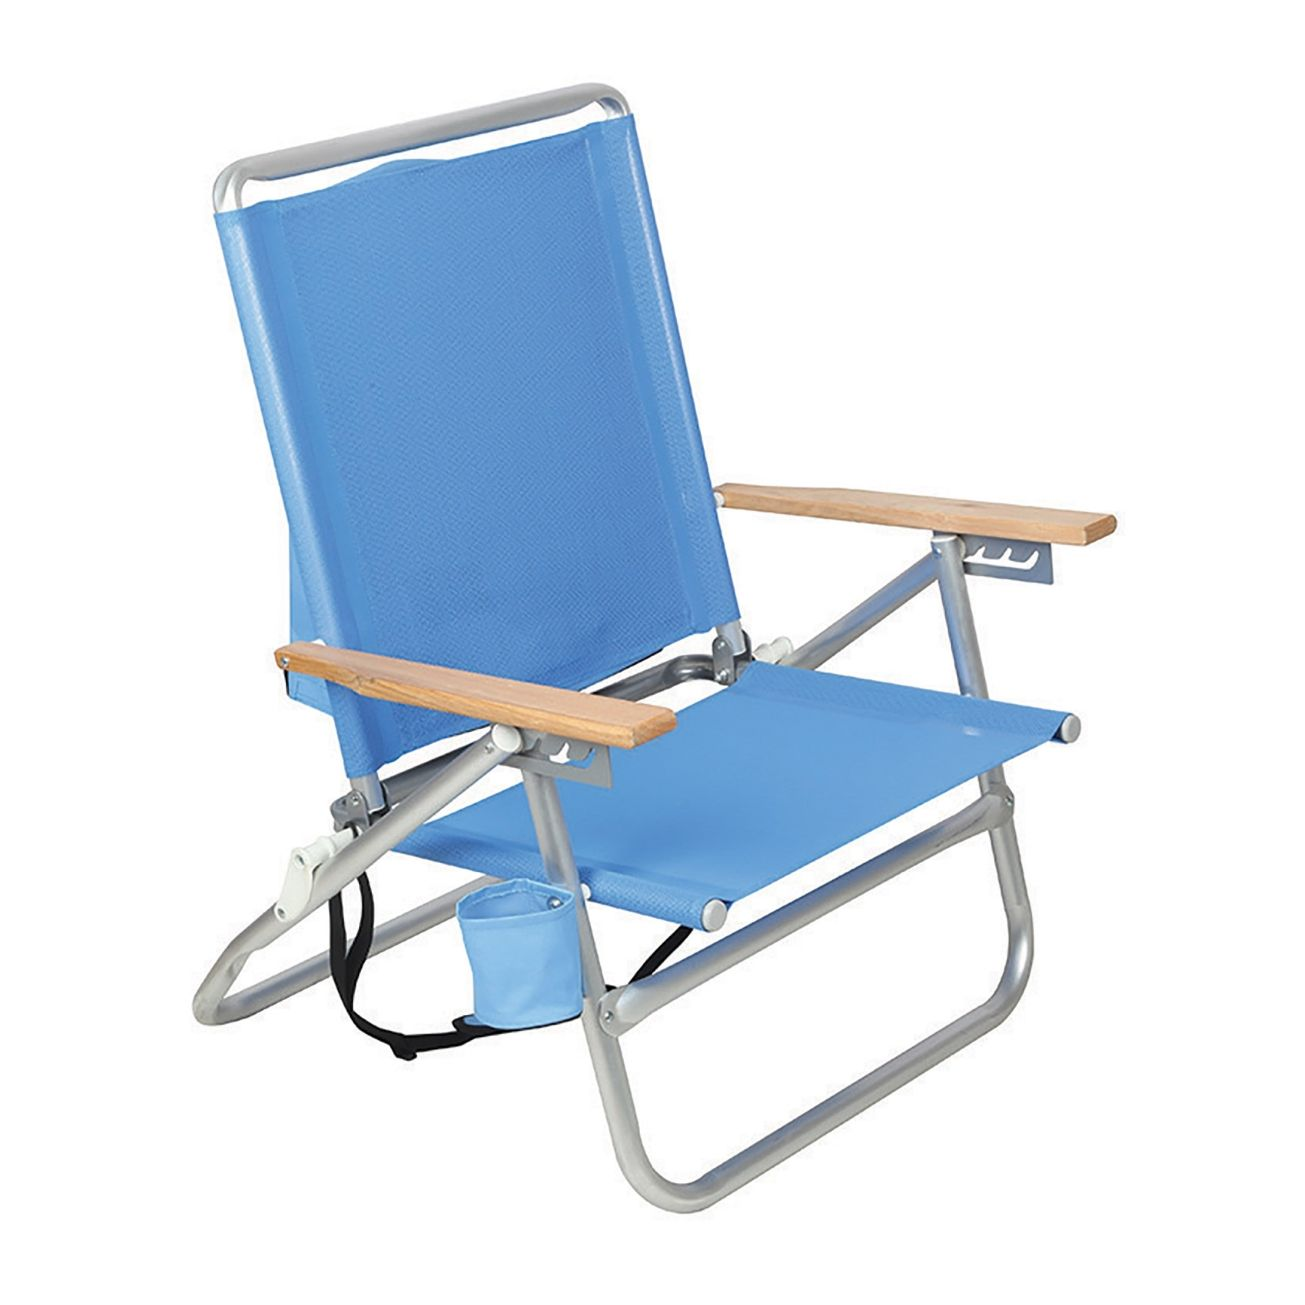 Backpack Beach Chairs For Sale Beach Chairs Beach